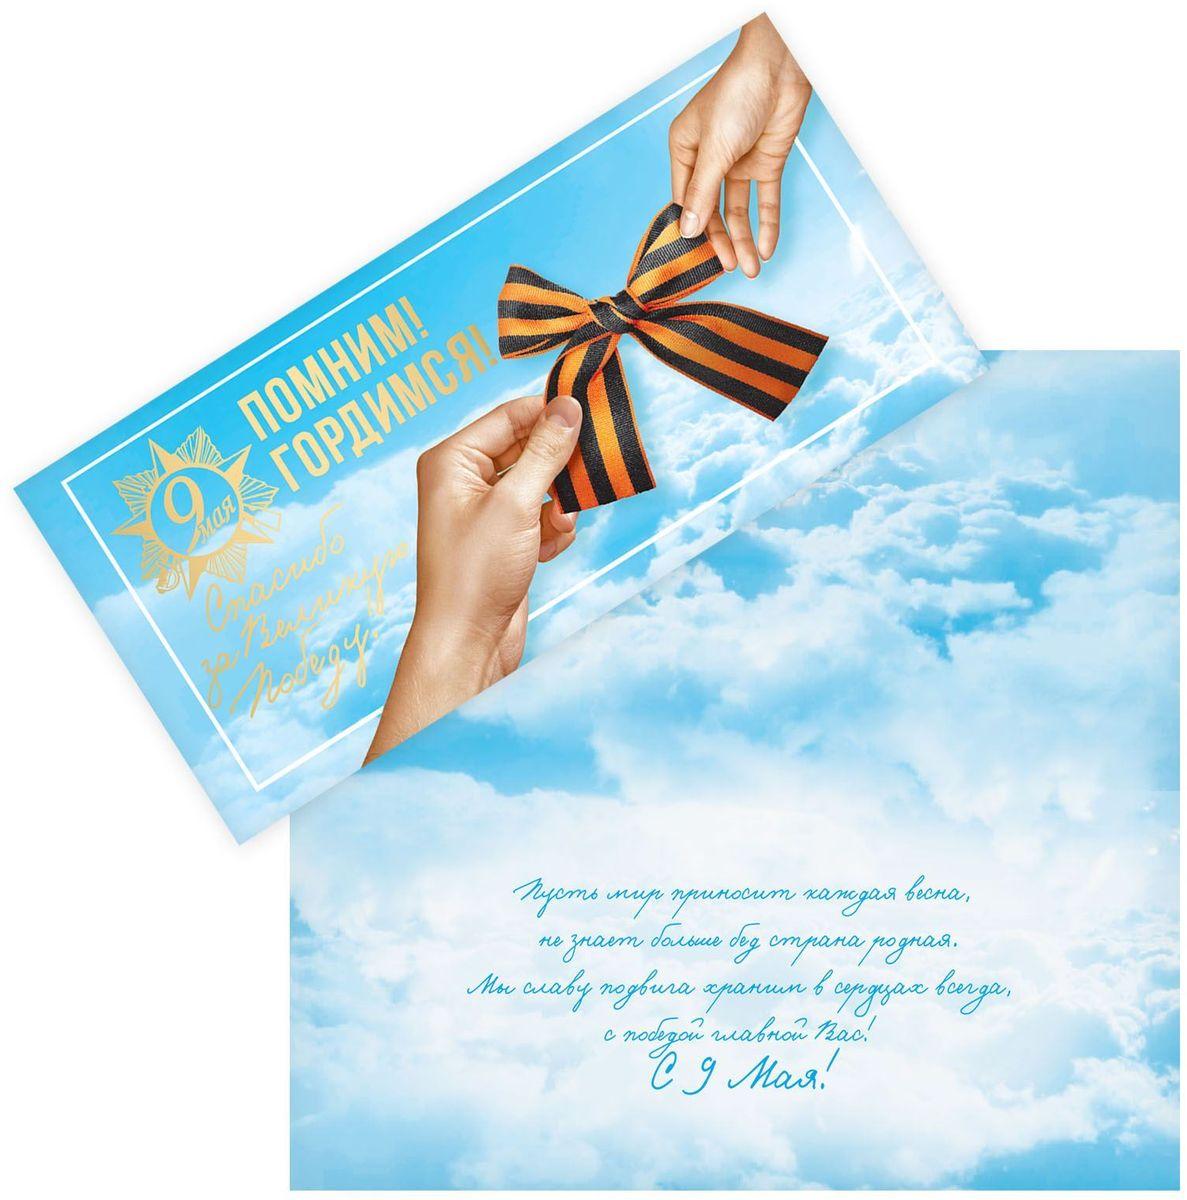 Открытка Дарите cчастье Спасибо за Великую Победу!2109604Выразить свои чувства и дополнить основной подарок тёплыми словами вам поможет поздравительная открытка. С ней ваше пожелание «Счастья, любви и здоровья» приобретёт трепетный и душевный подтекст. А воспоминания о праздничном дне ещё долго будут радовать адресата.